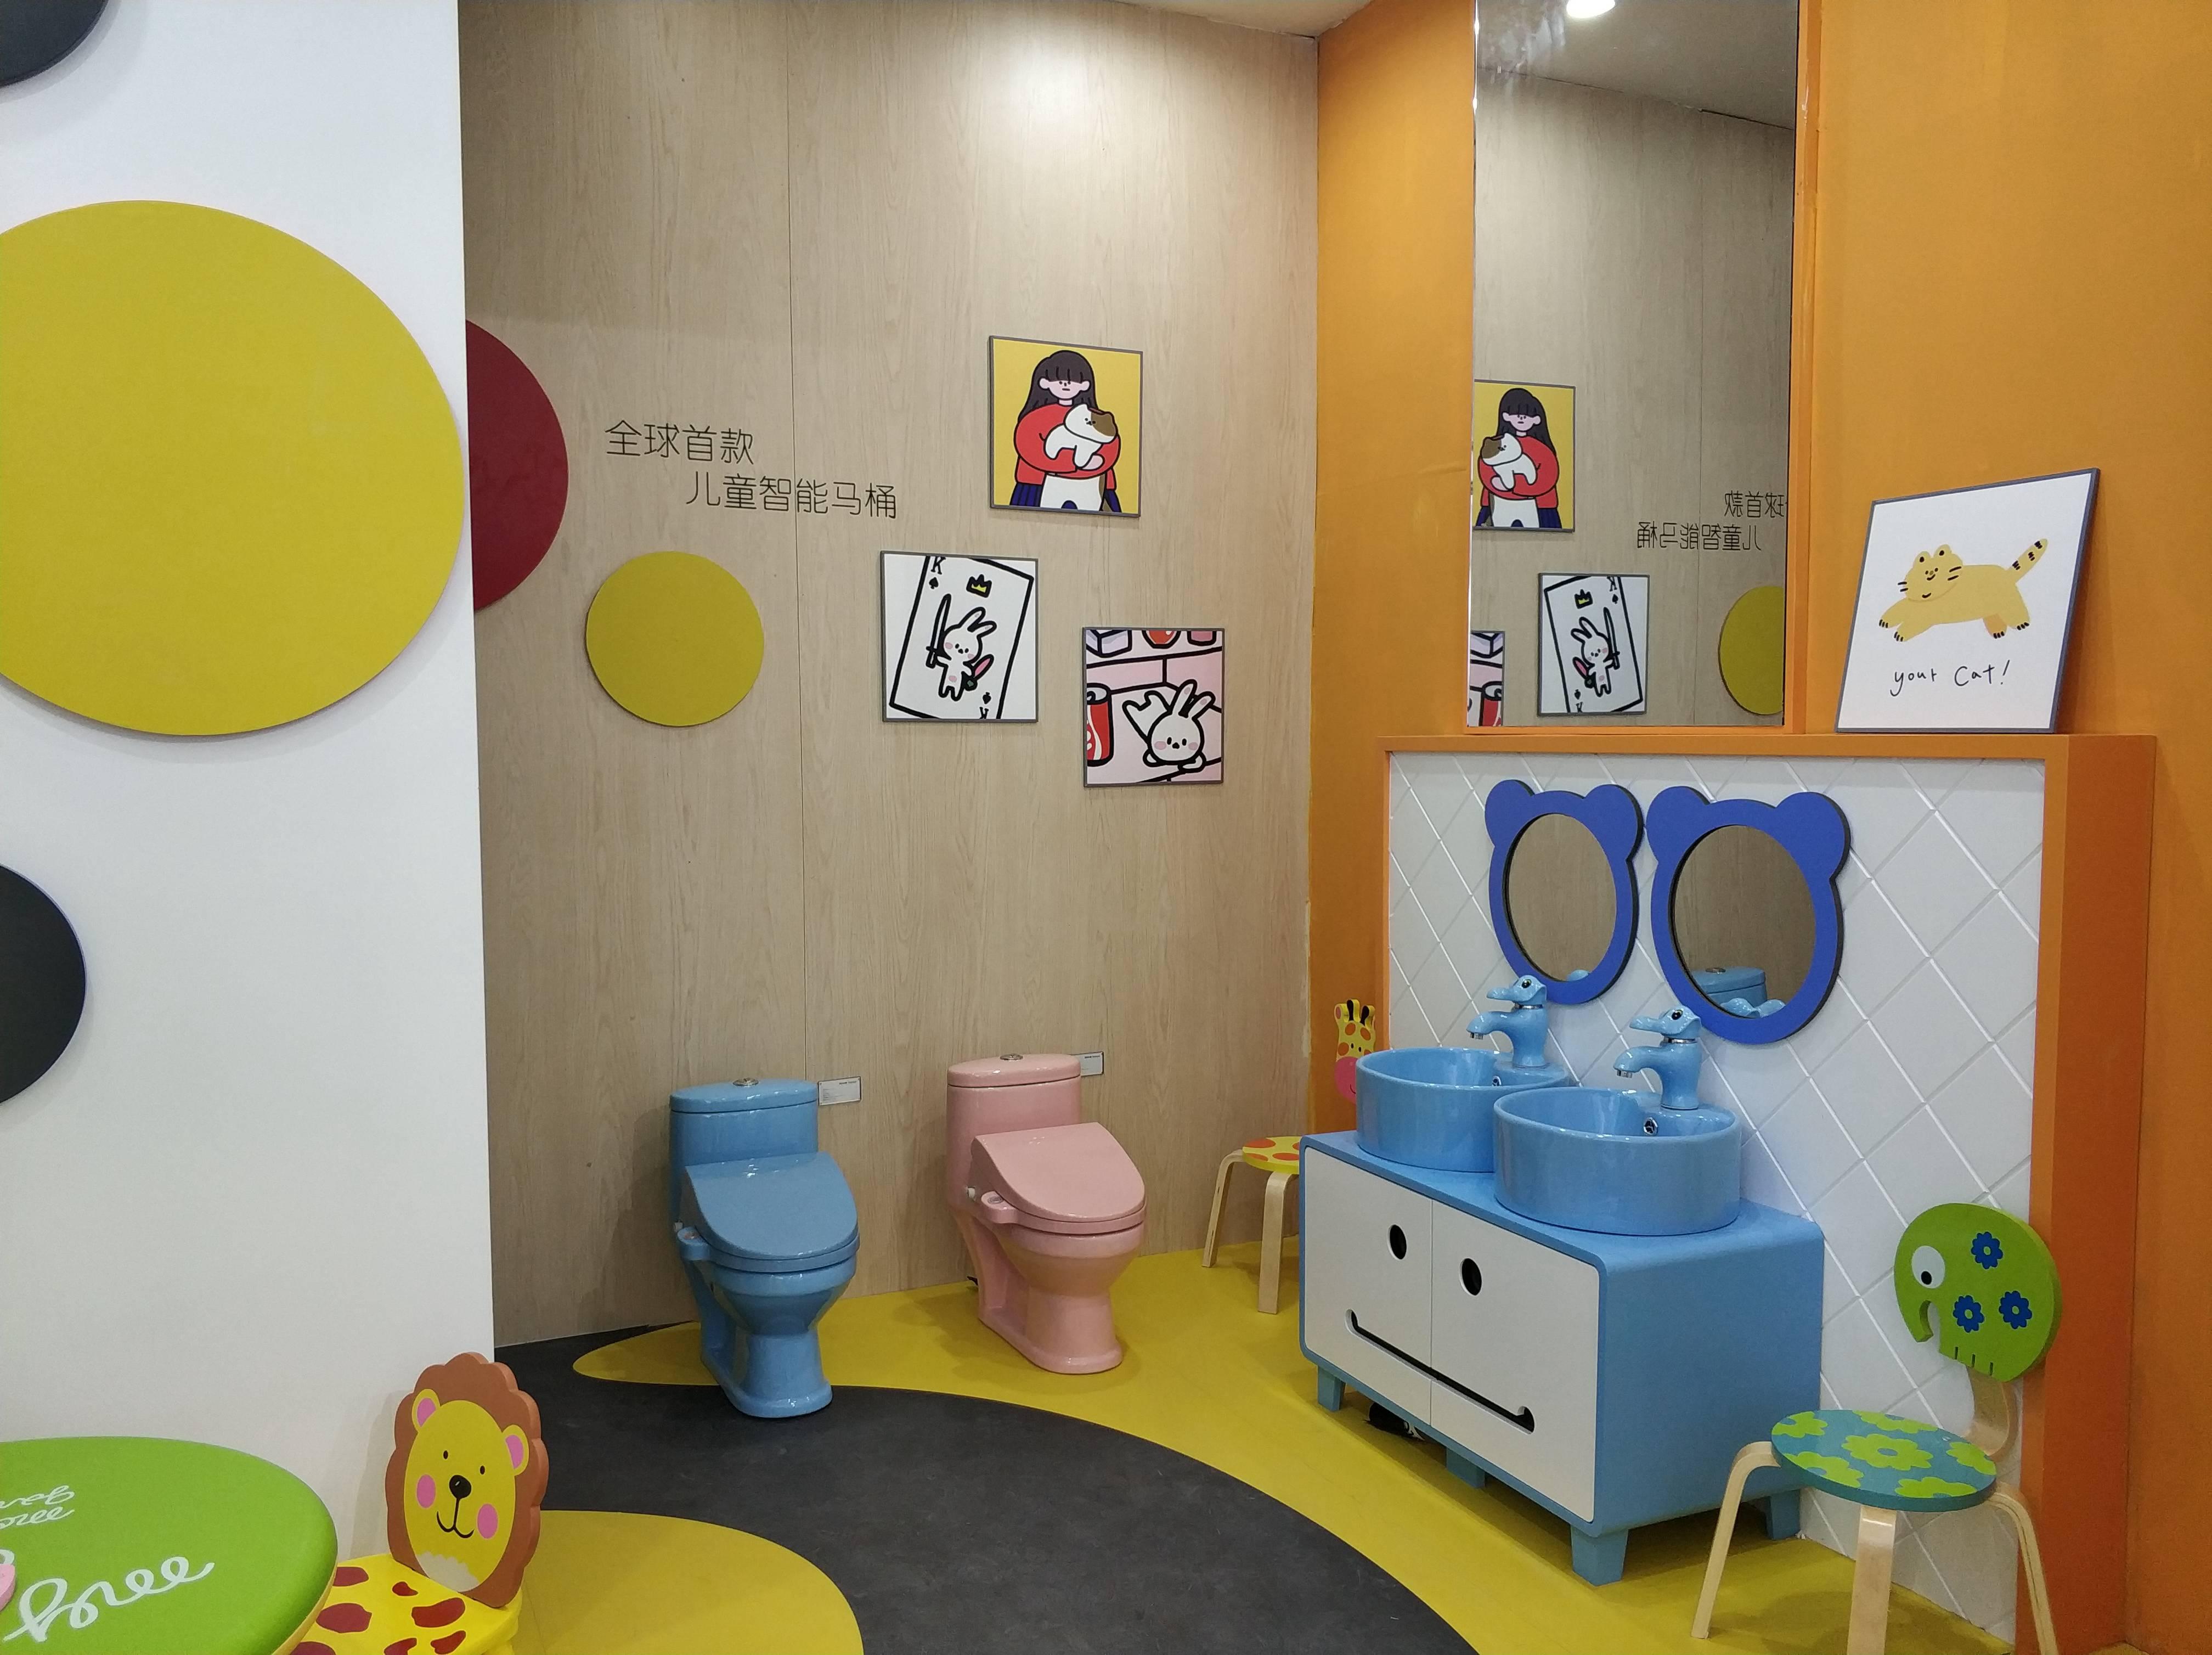 来自因科美的智能儿童空间,简直不要太可爱!